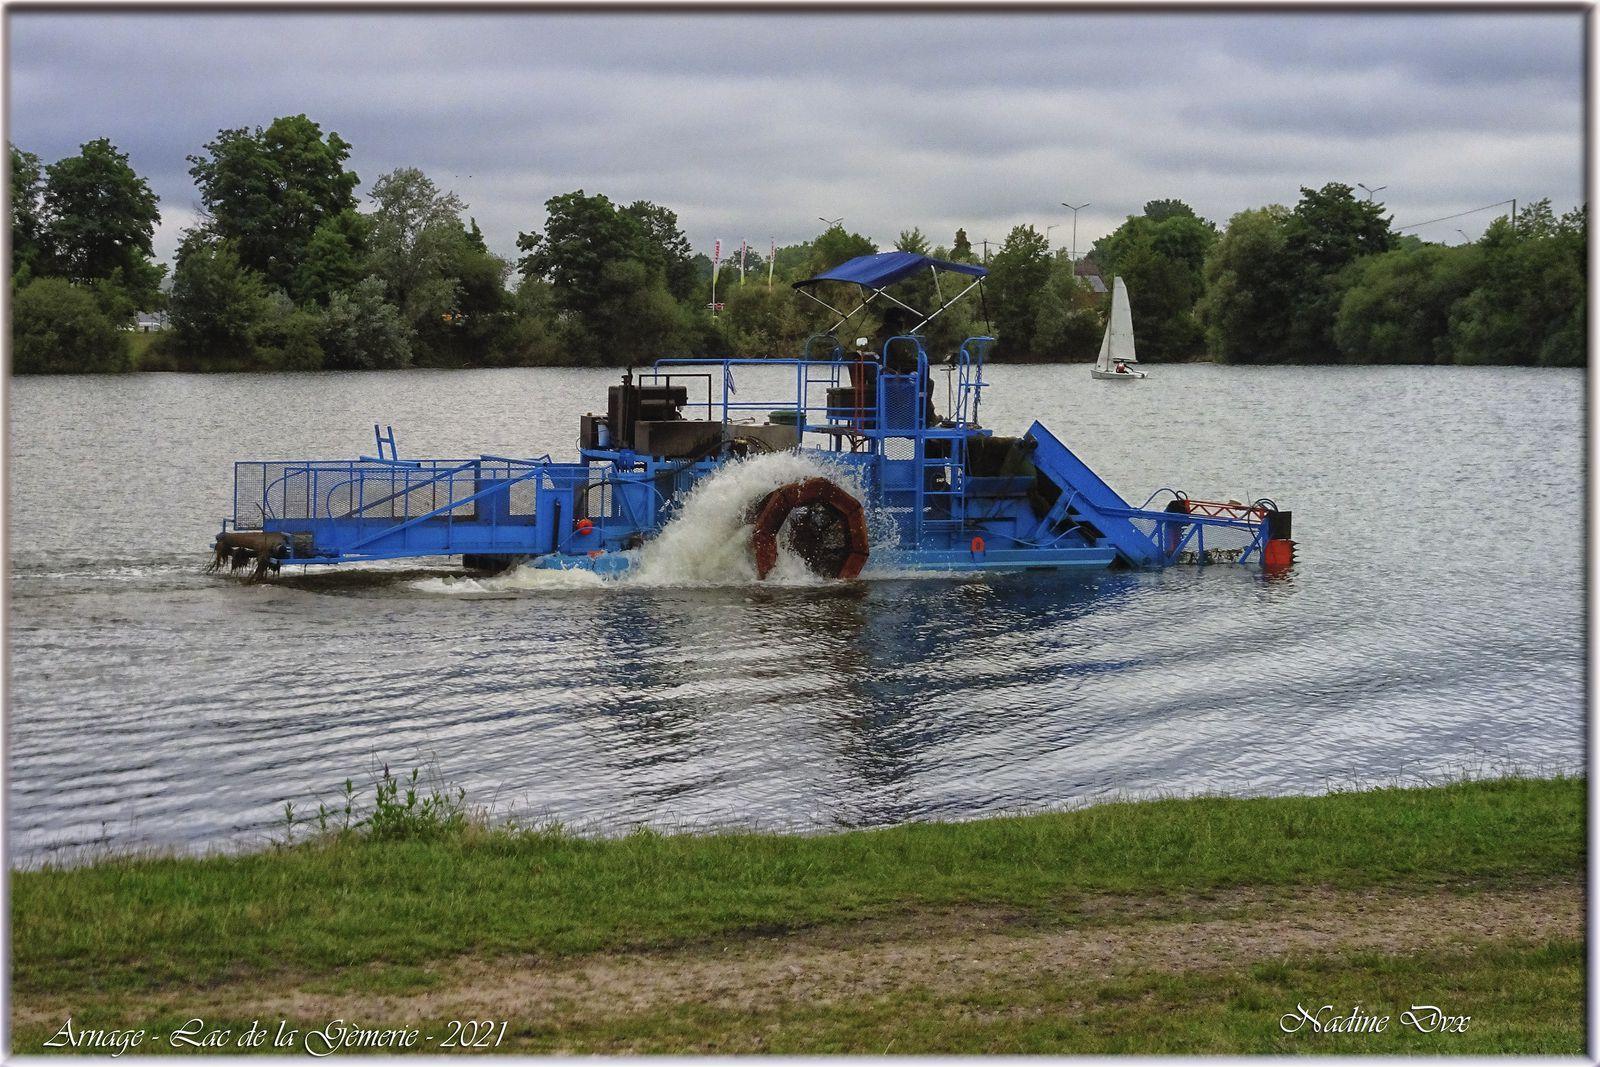 Faucardeuse - Lac de la Gèmerie - 72